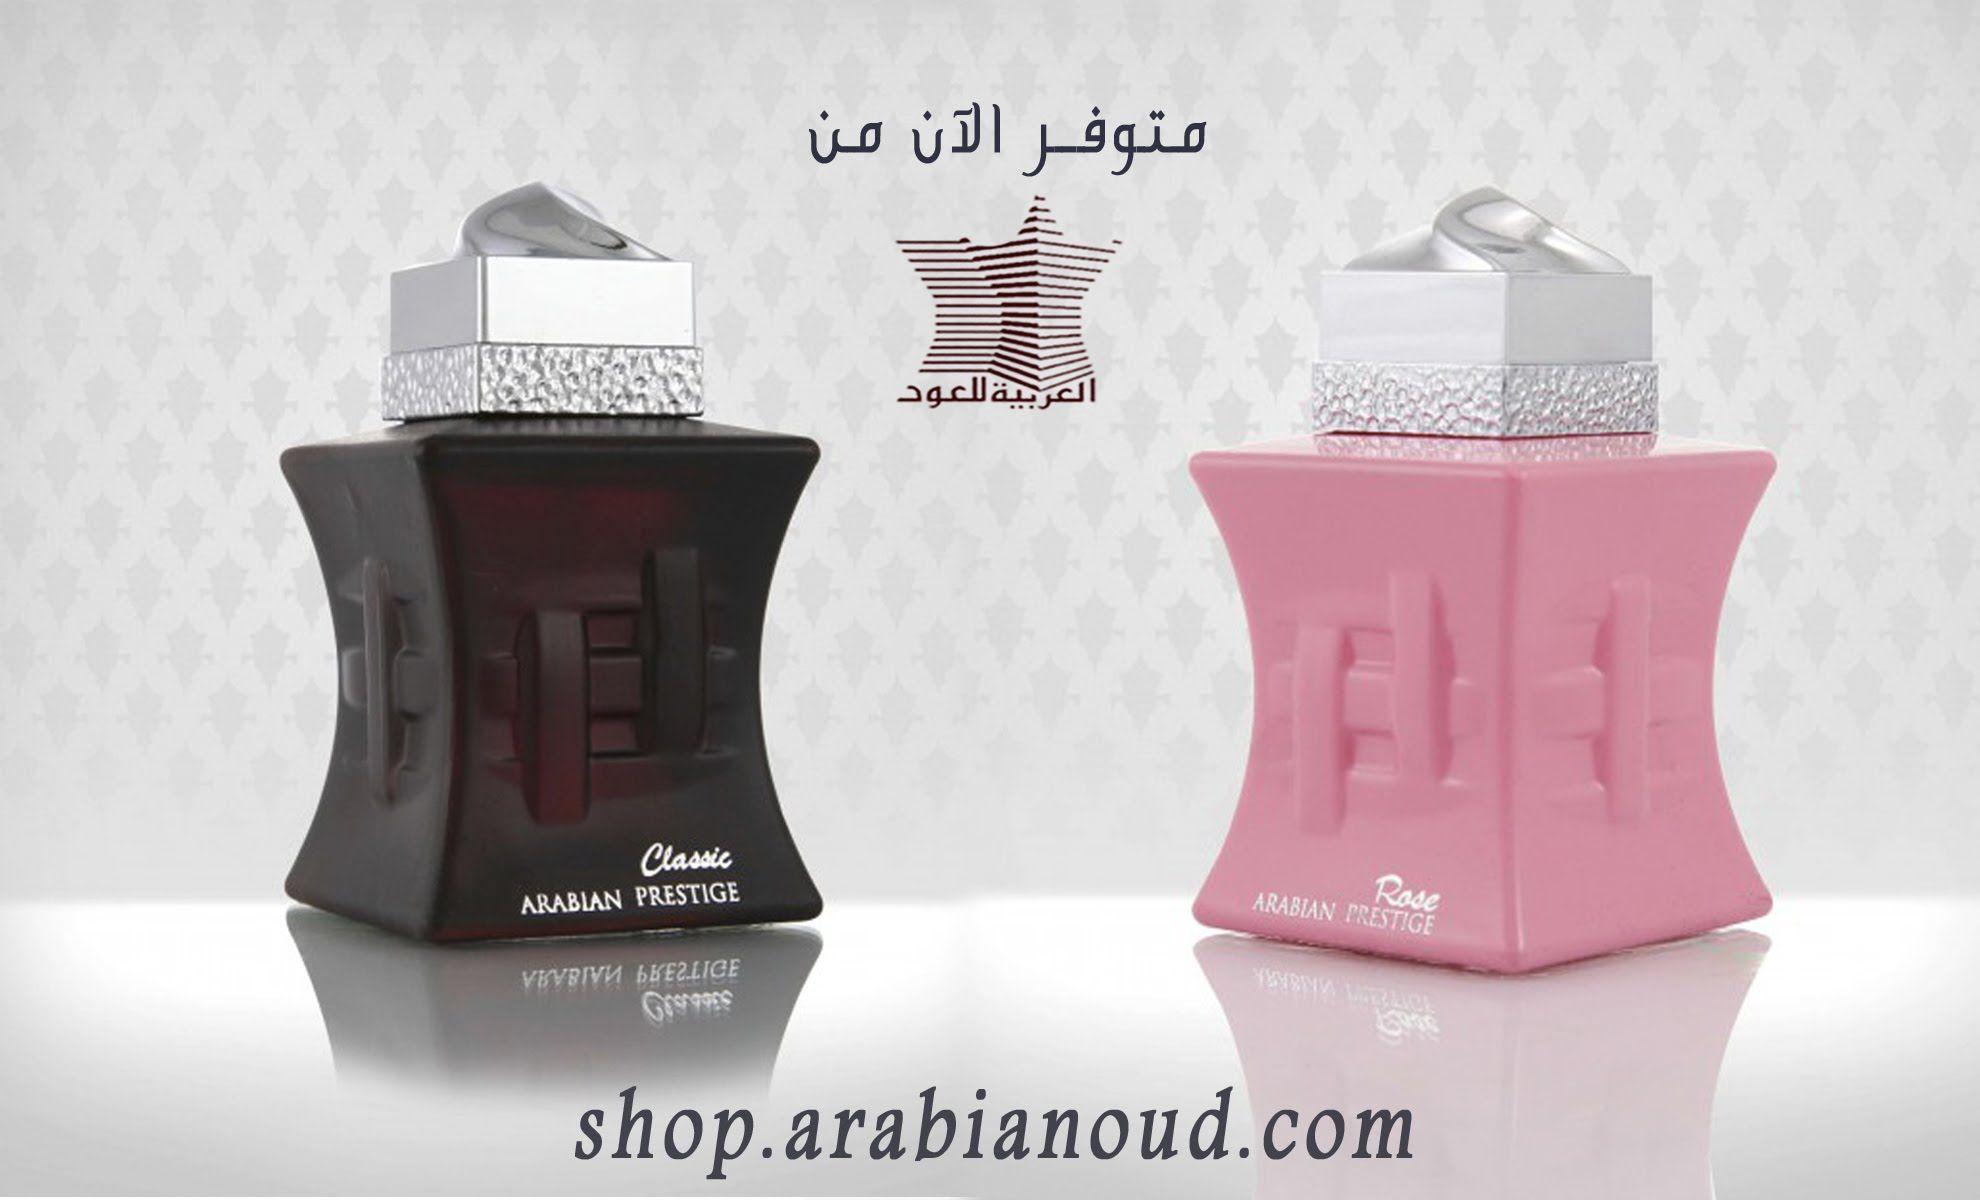 أفضل العطور و من أرقى إبداعات العربية للعود برستيج العربية Perfume Perfume Bottles Make Up Your Mind